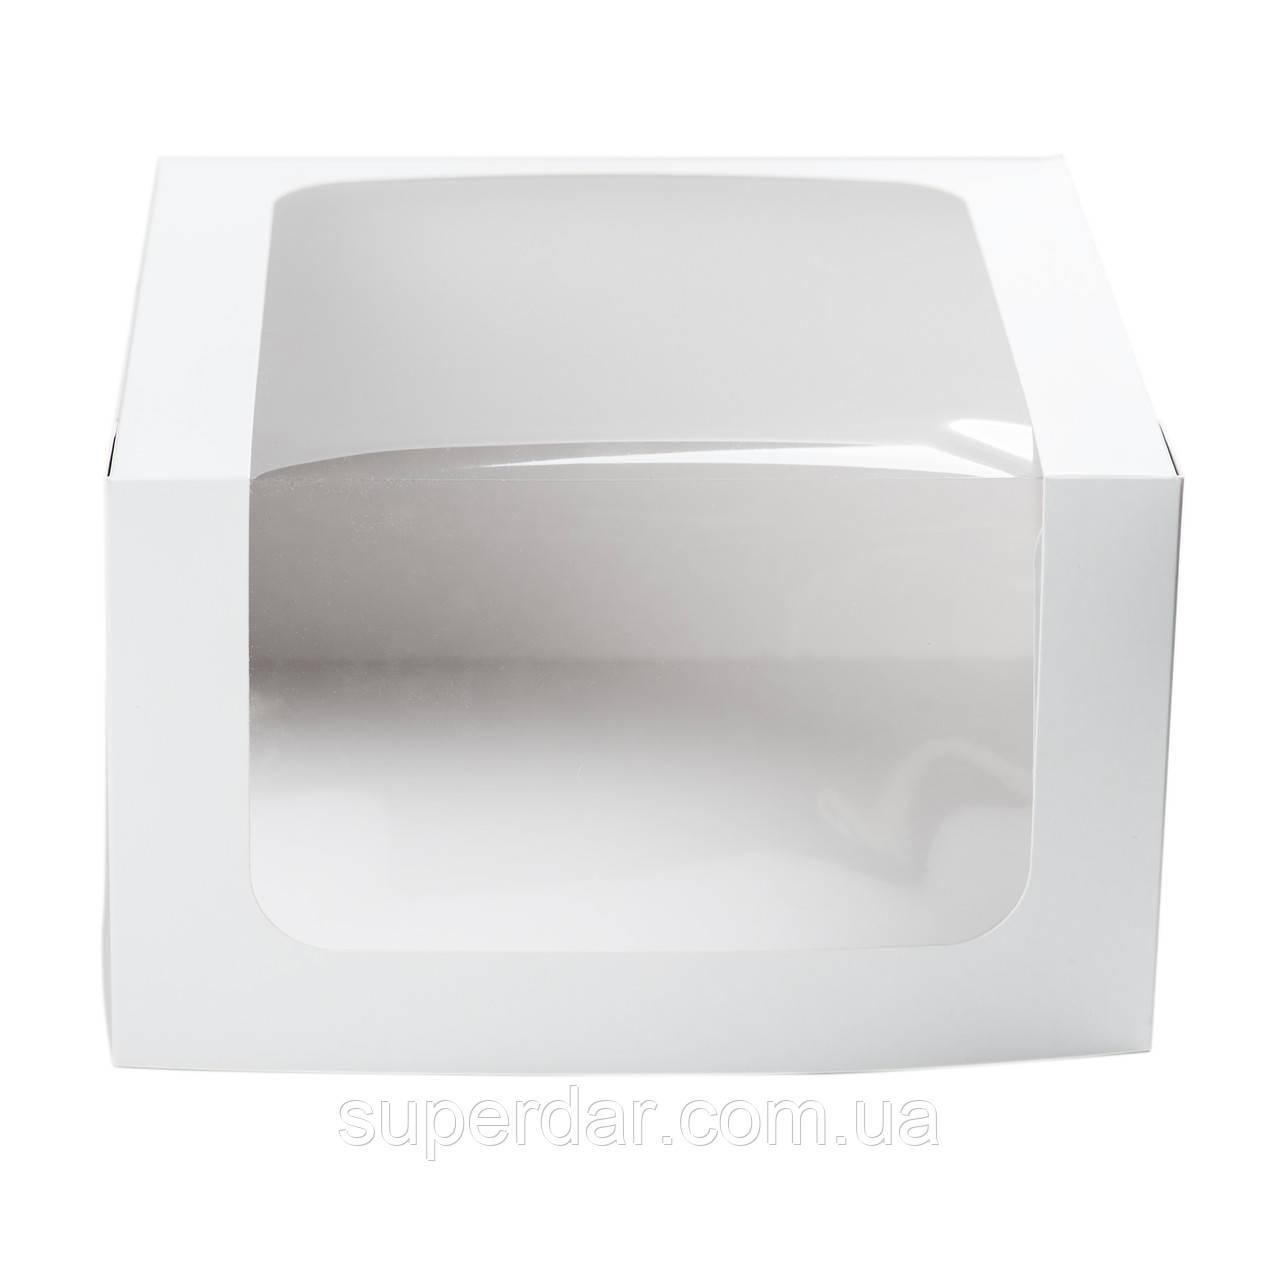 Коробка для торта, 250Х250Х150 мм, белая